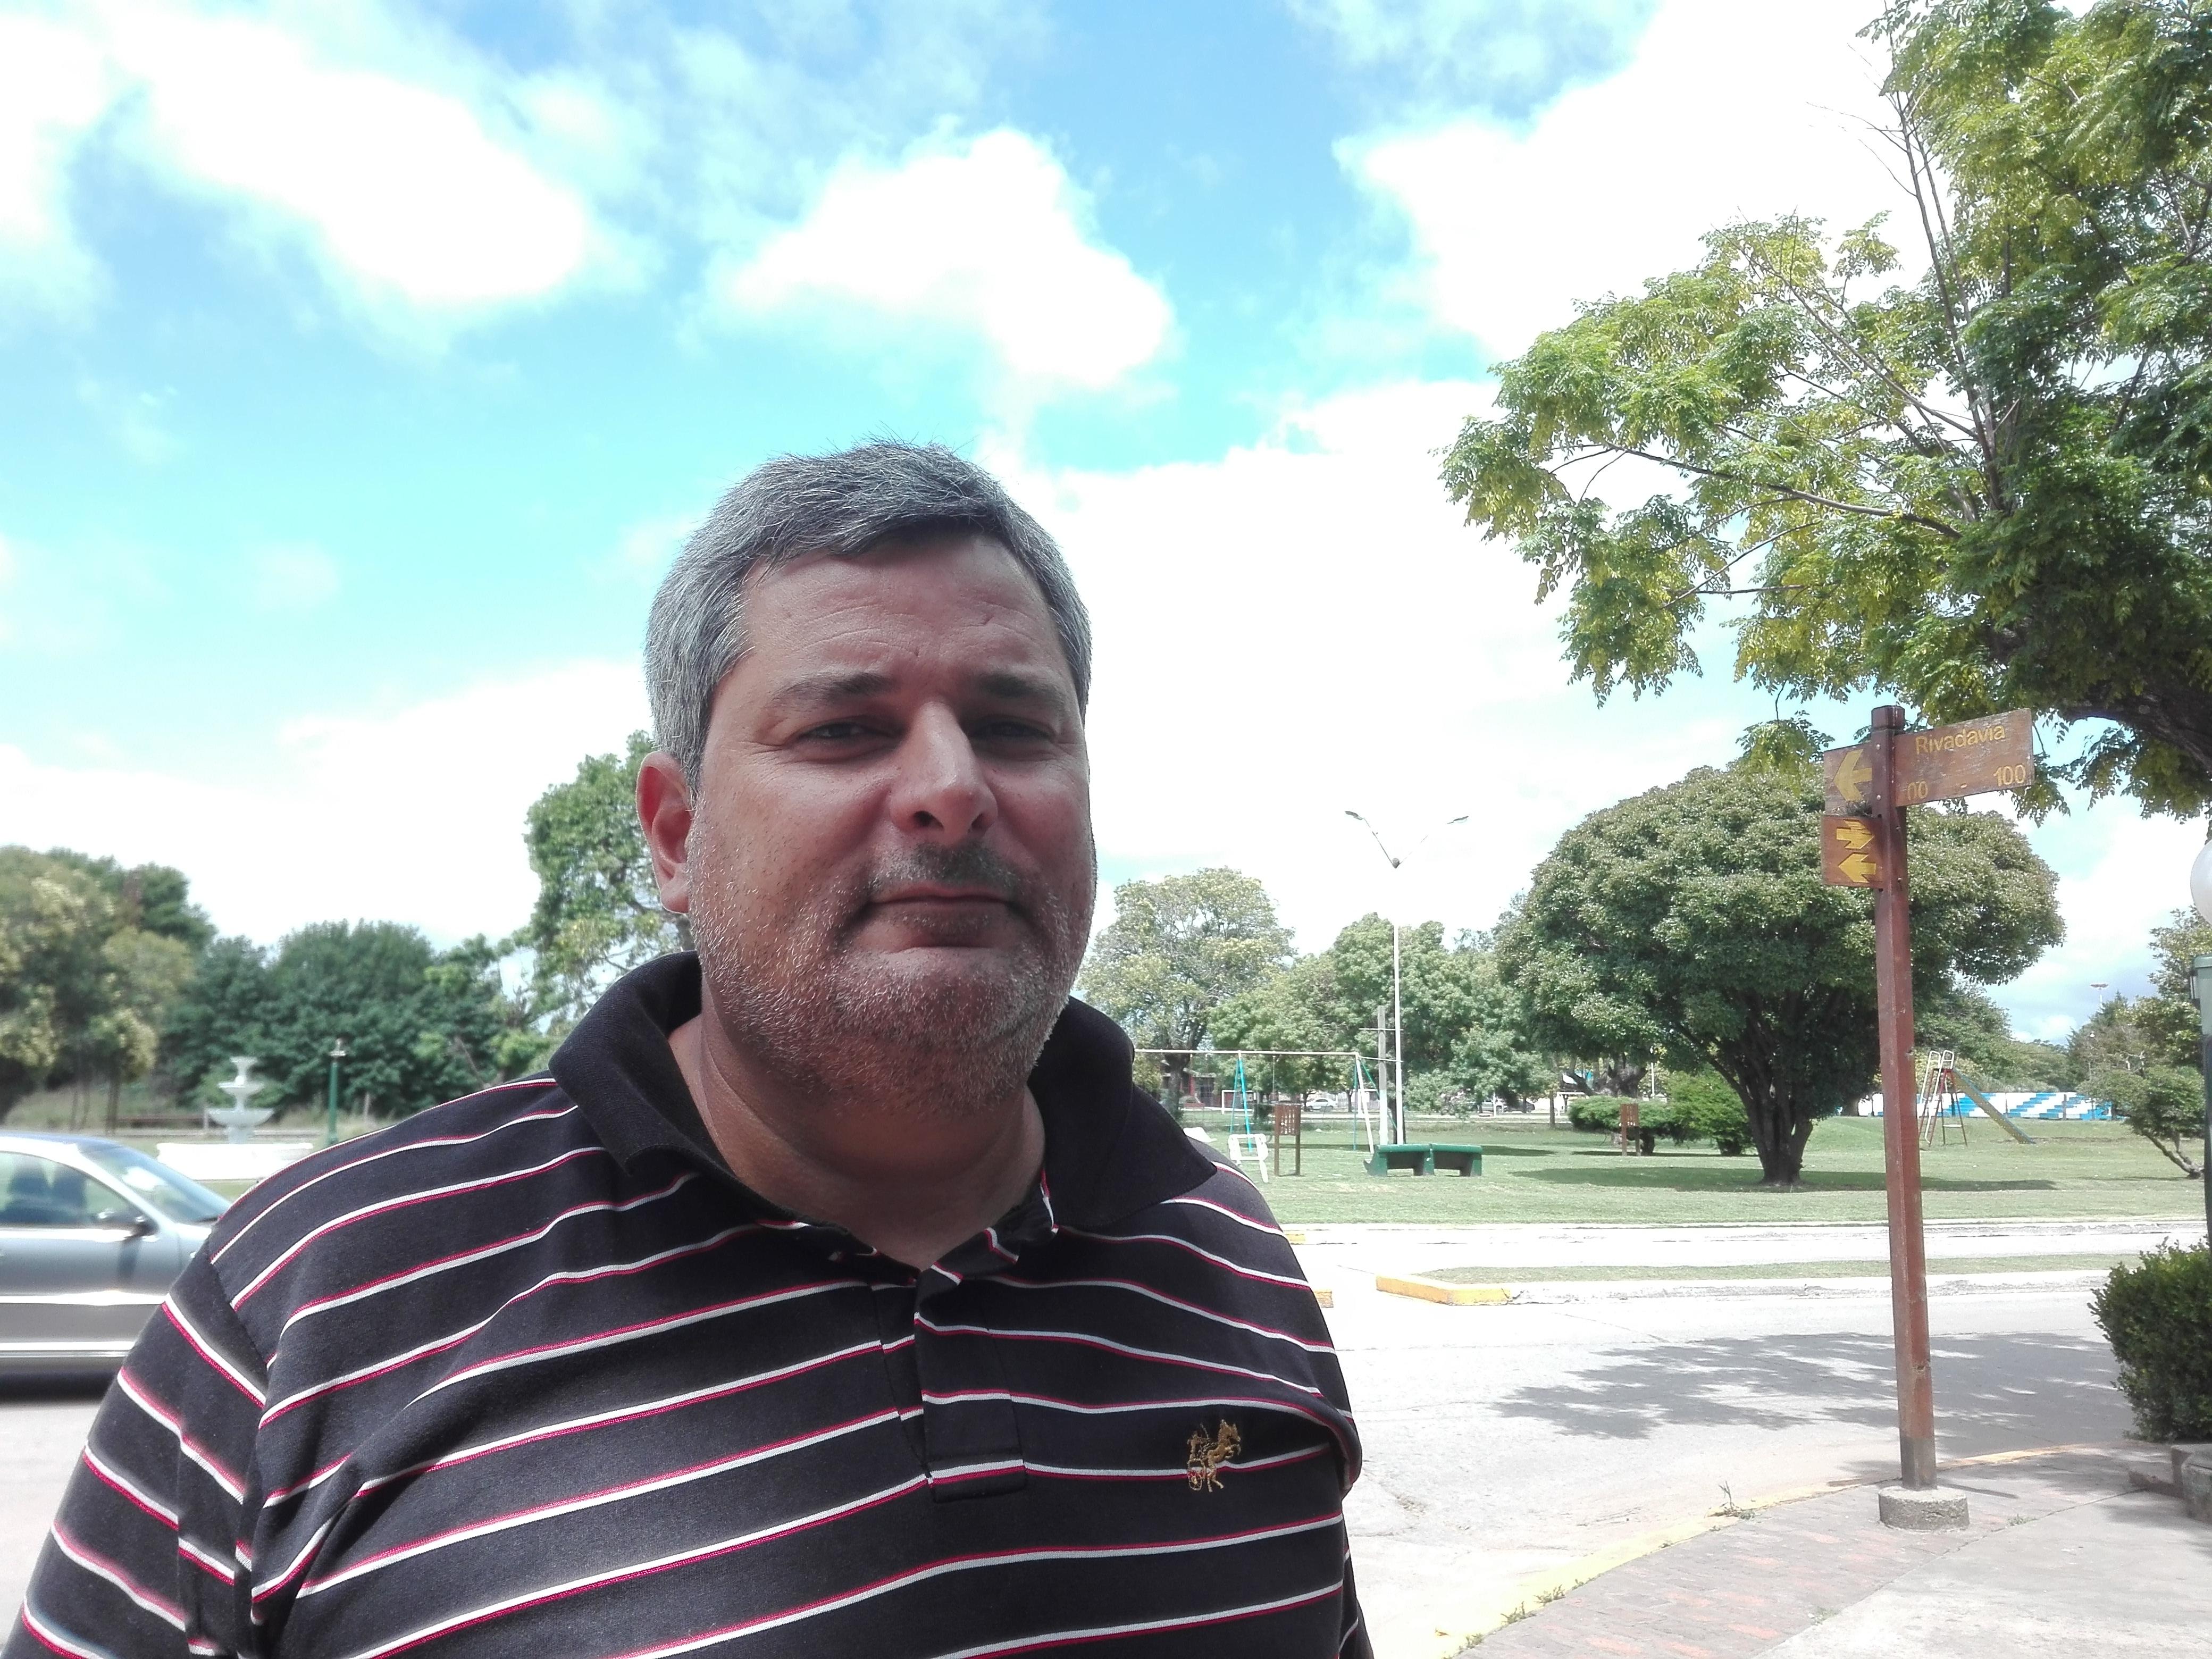 Costoya 'Todos los concejales trabajamos por el bienestar del vecino, ojalá  esta situación económica se pueda solucionar '